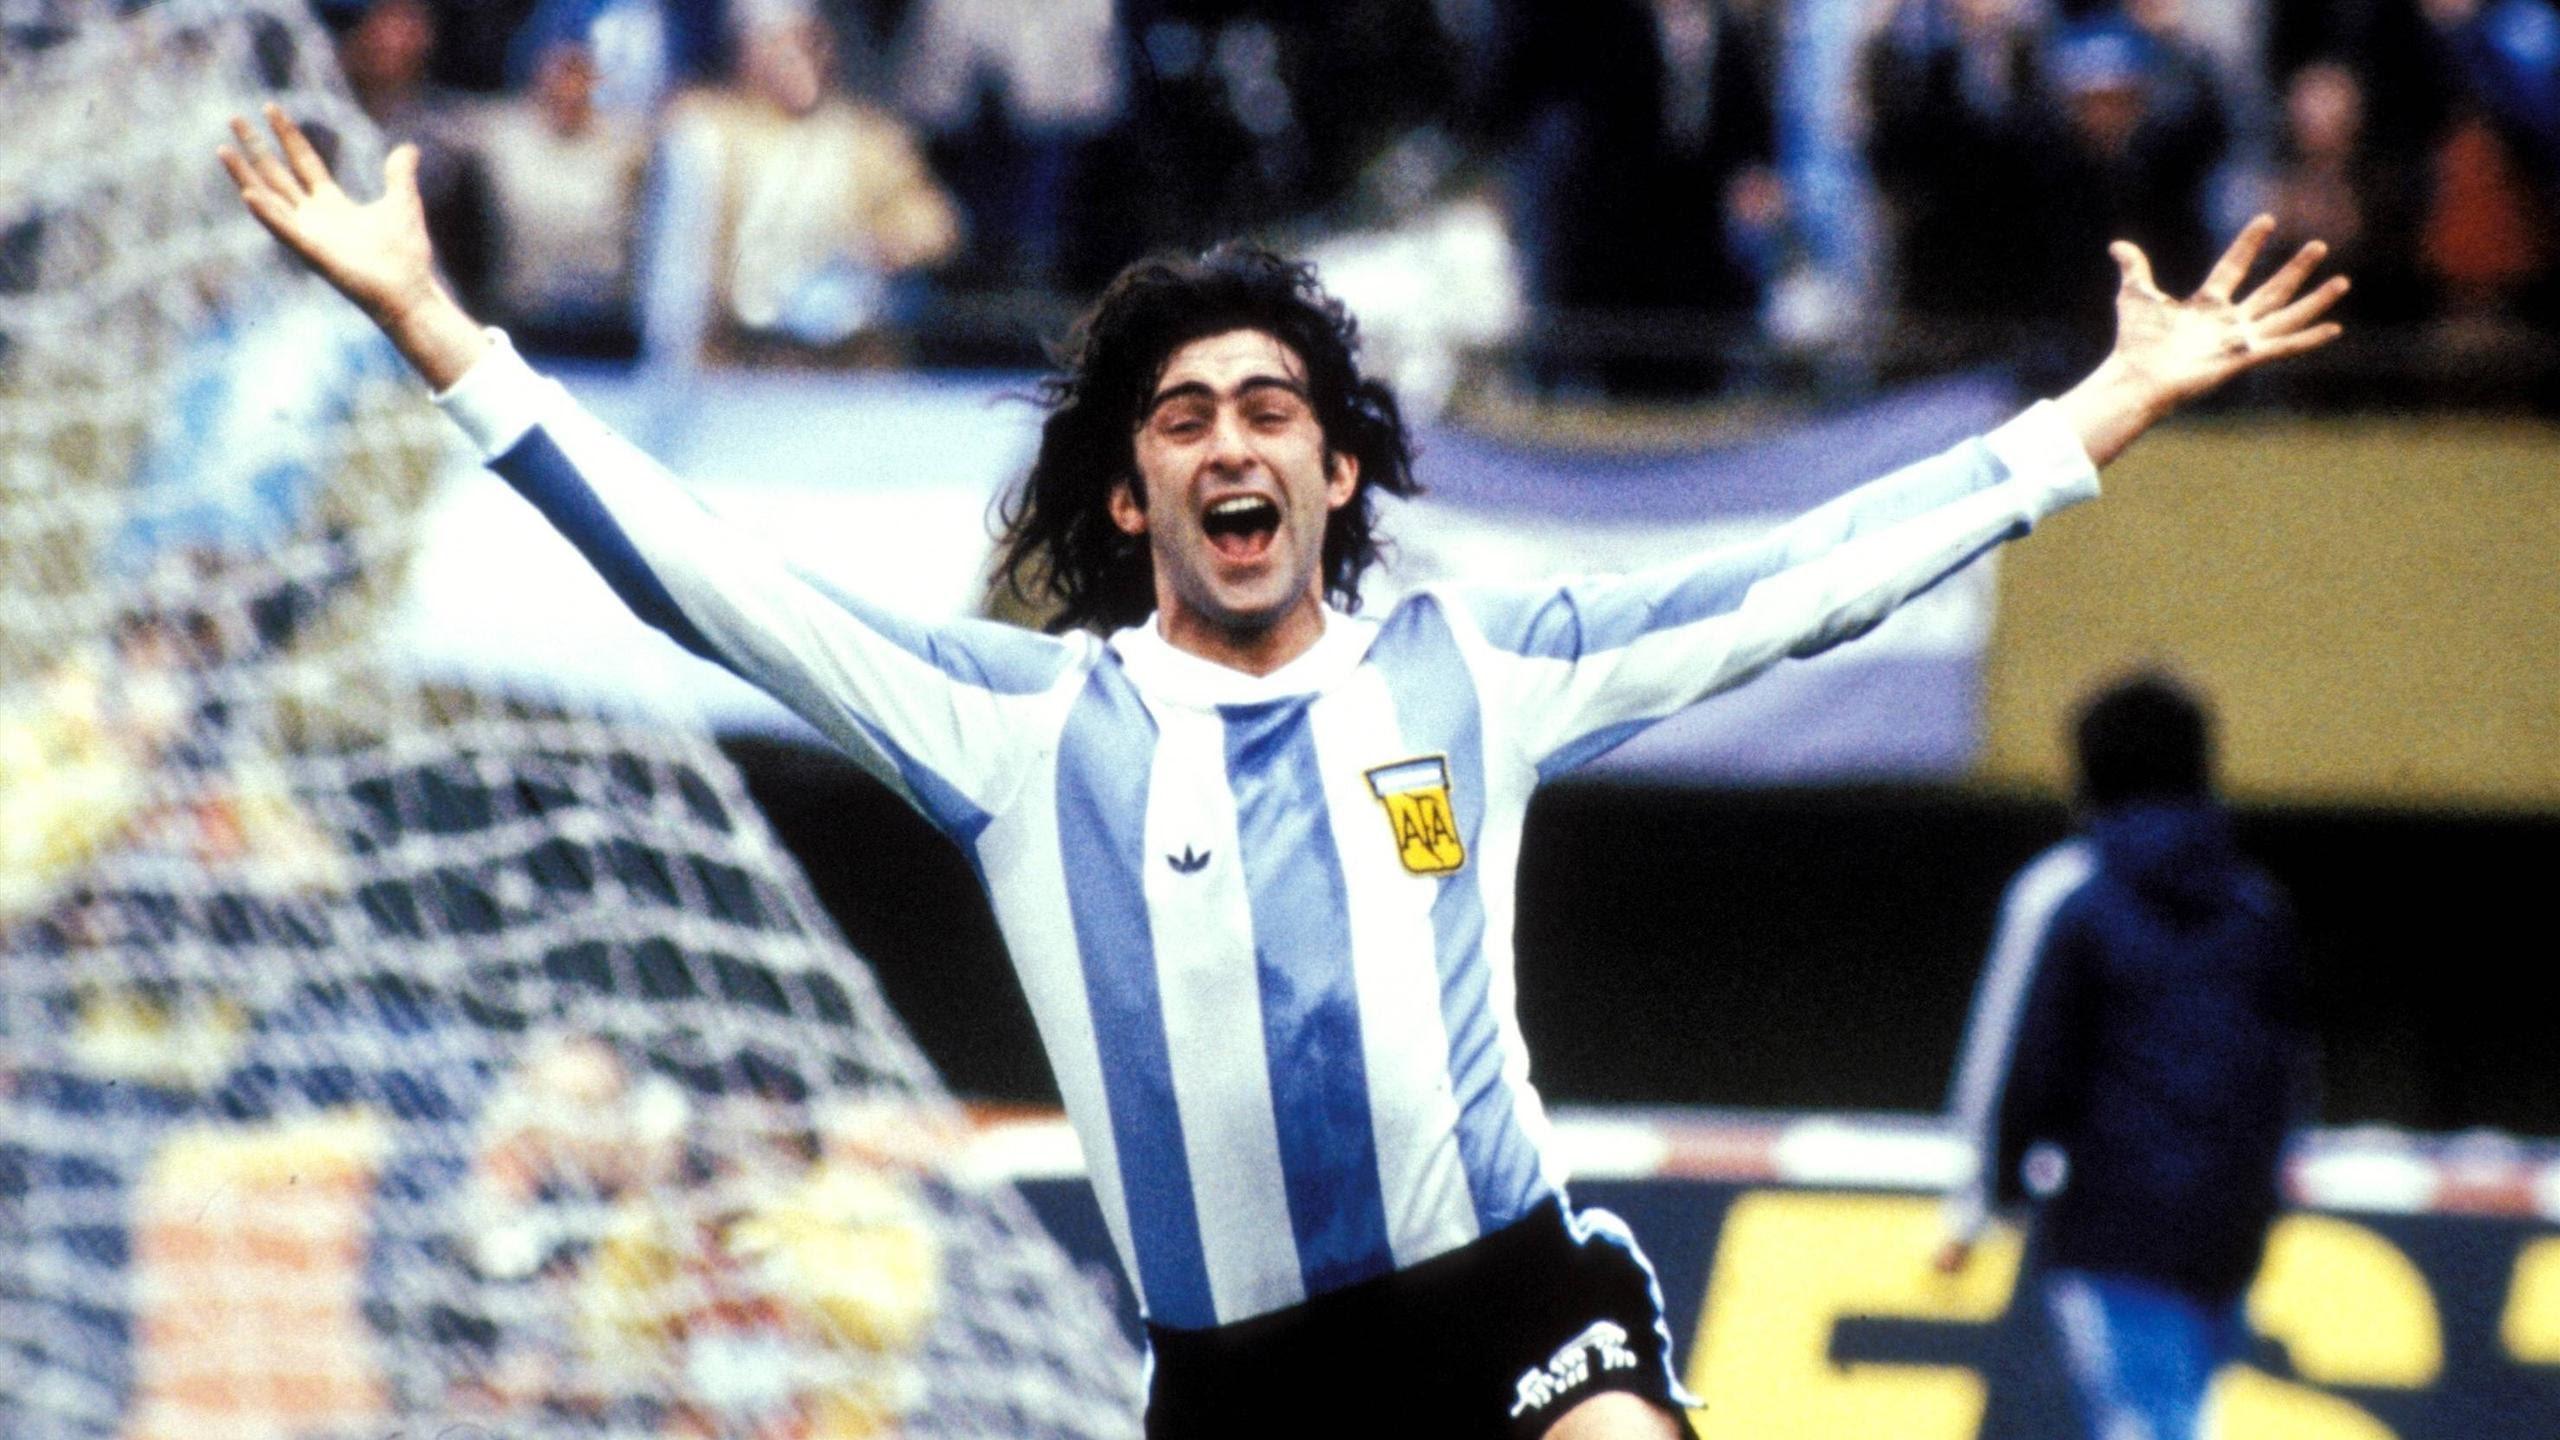 Huyền thoại Argentina bênh Messi, kêu Maradona ngậm miệng Ảnh 1